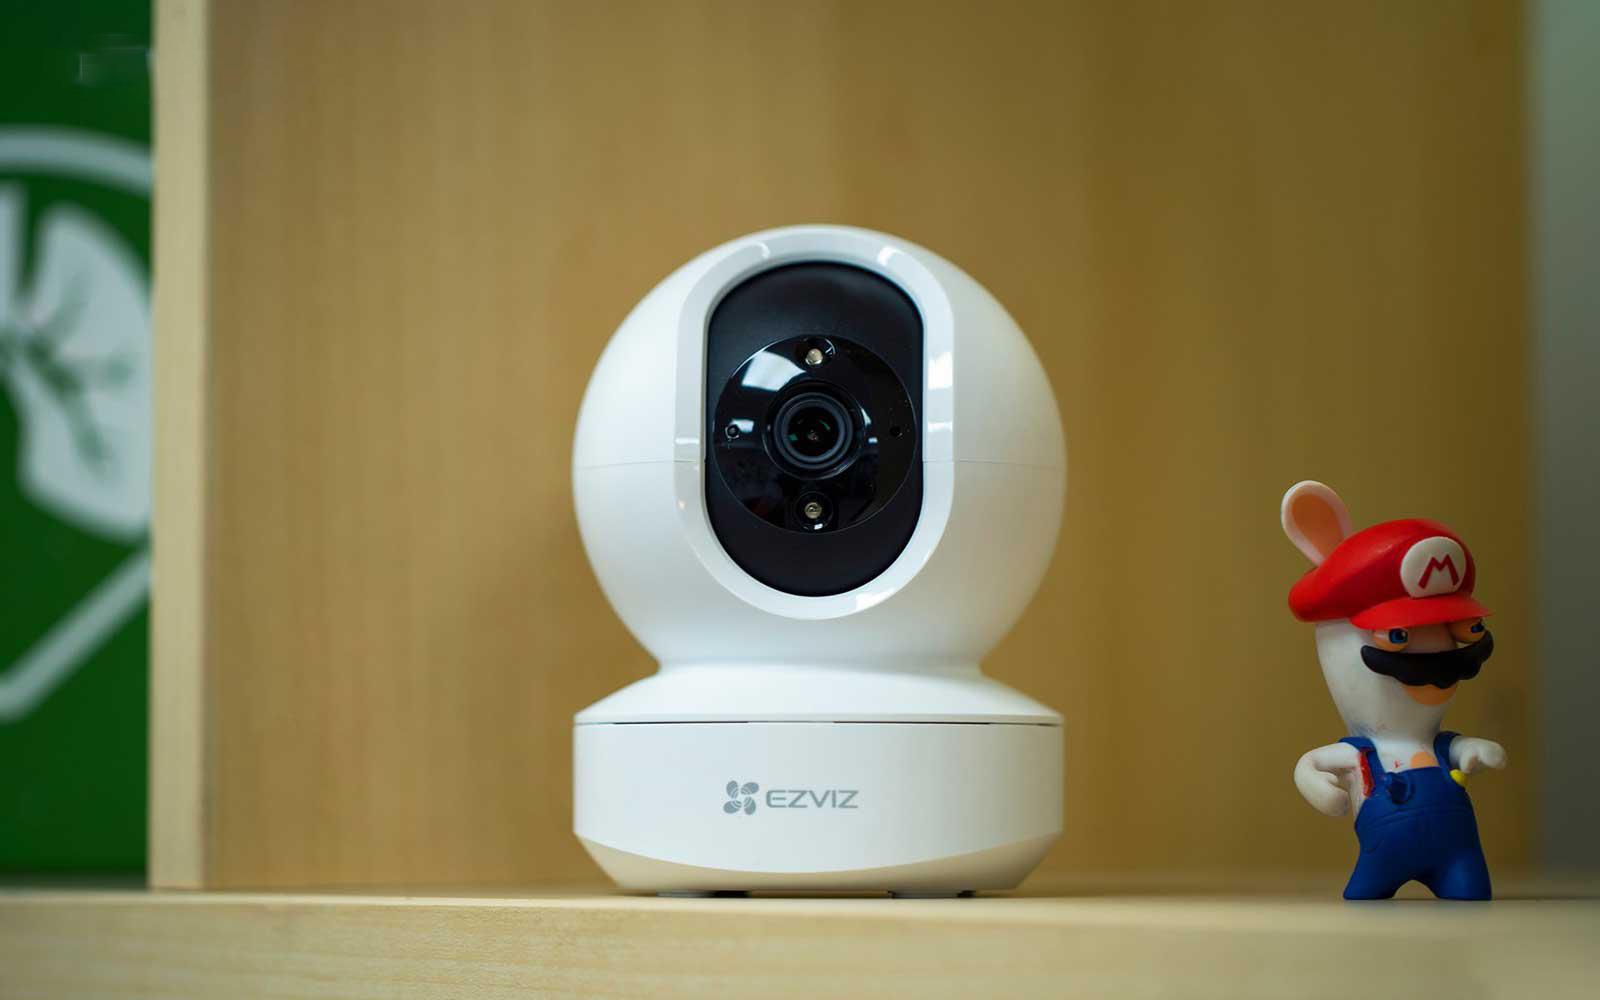 Sử dụng Camera Wifi đặt bàn, không cần khoan đục, treo tường là biện pháp tốt để bảo vệ căn hộ đi thuê của bạn